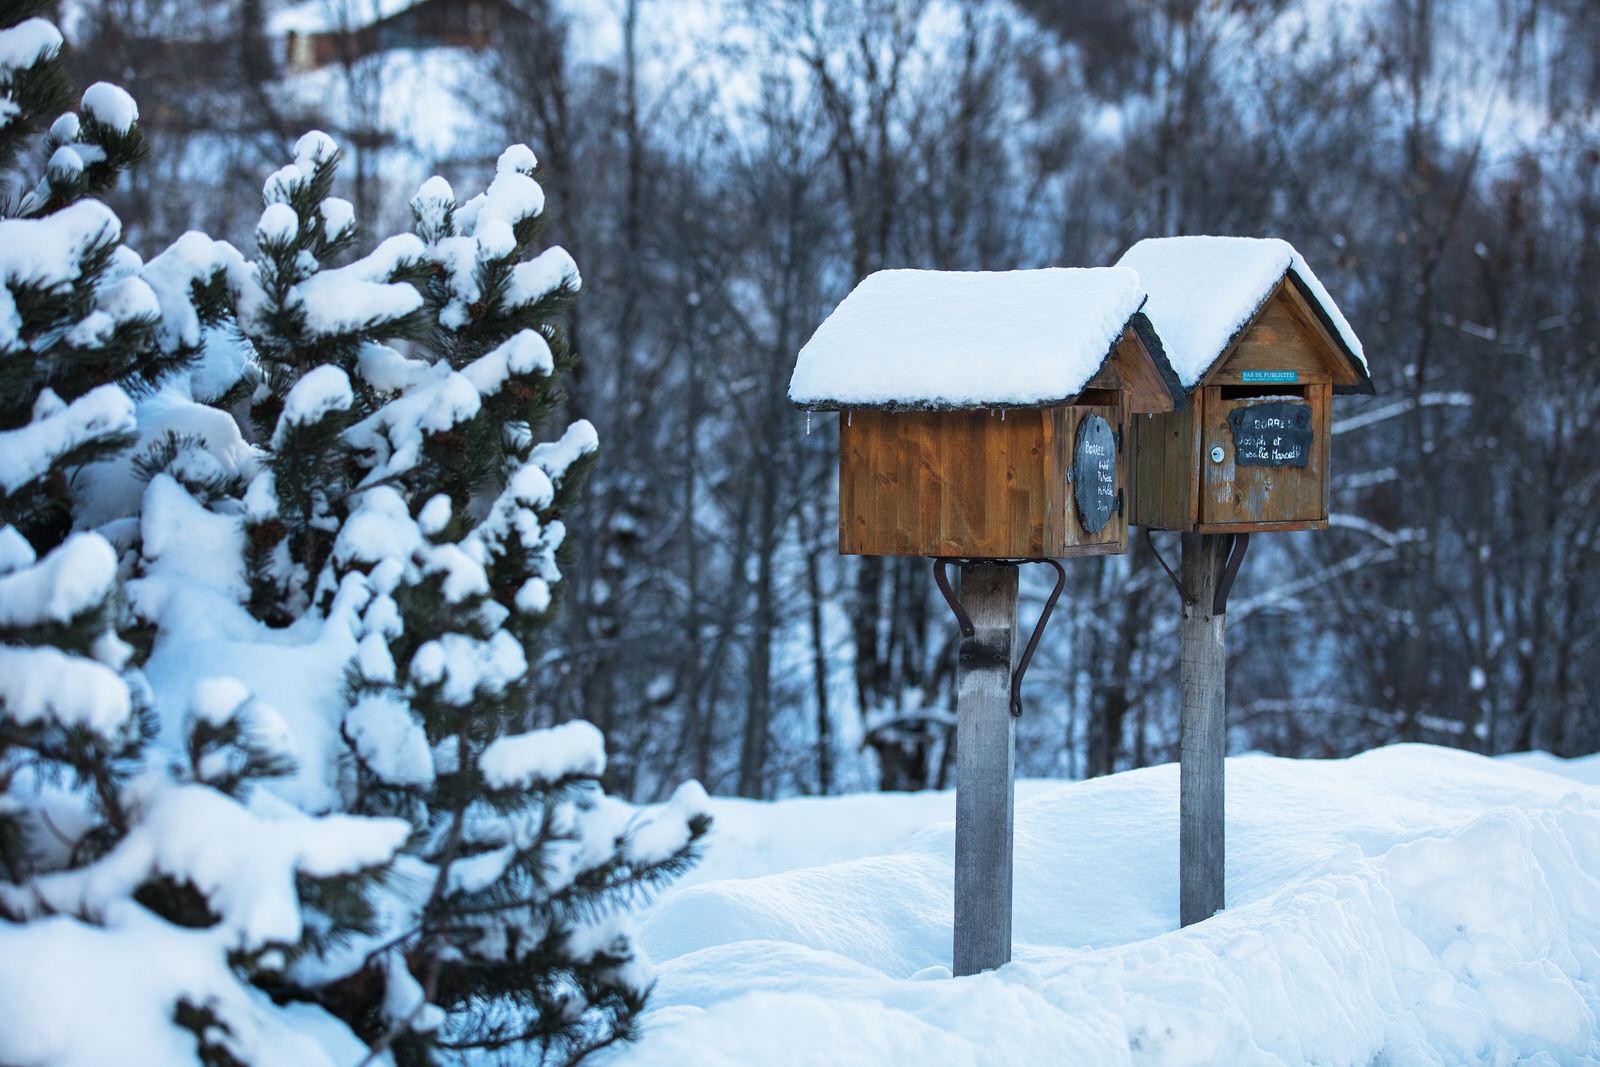 Le village de Saint-Martin-de-Belleville : détail de boîtes aux lettres en bois